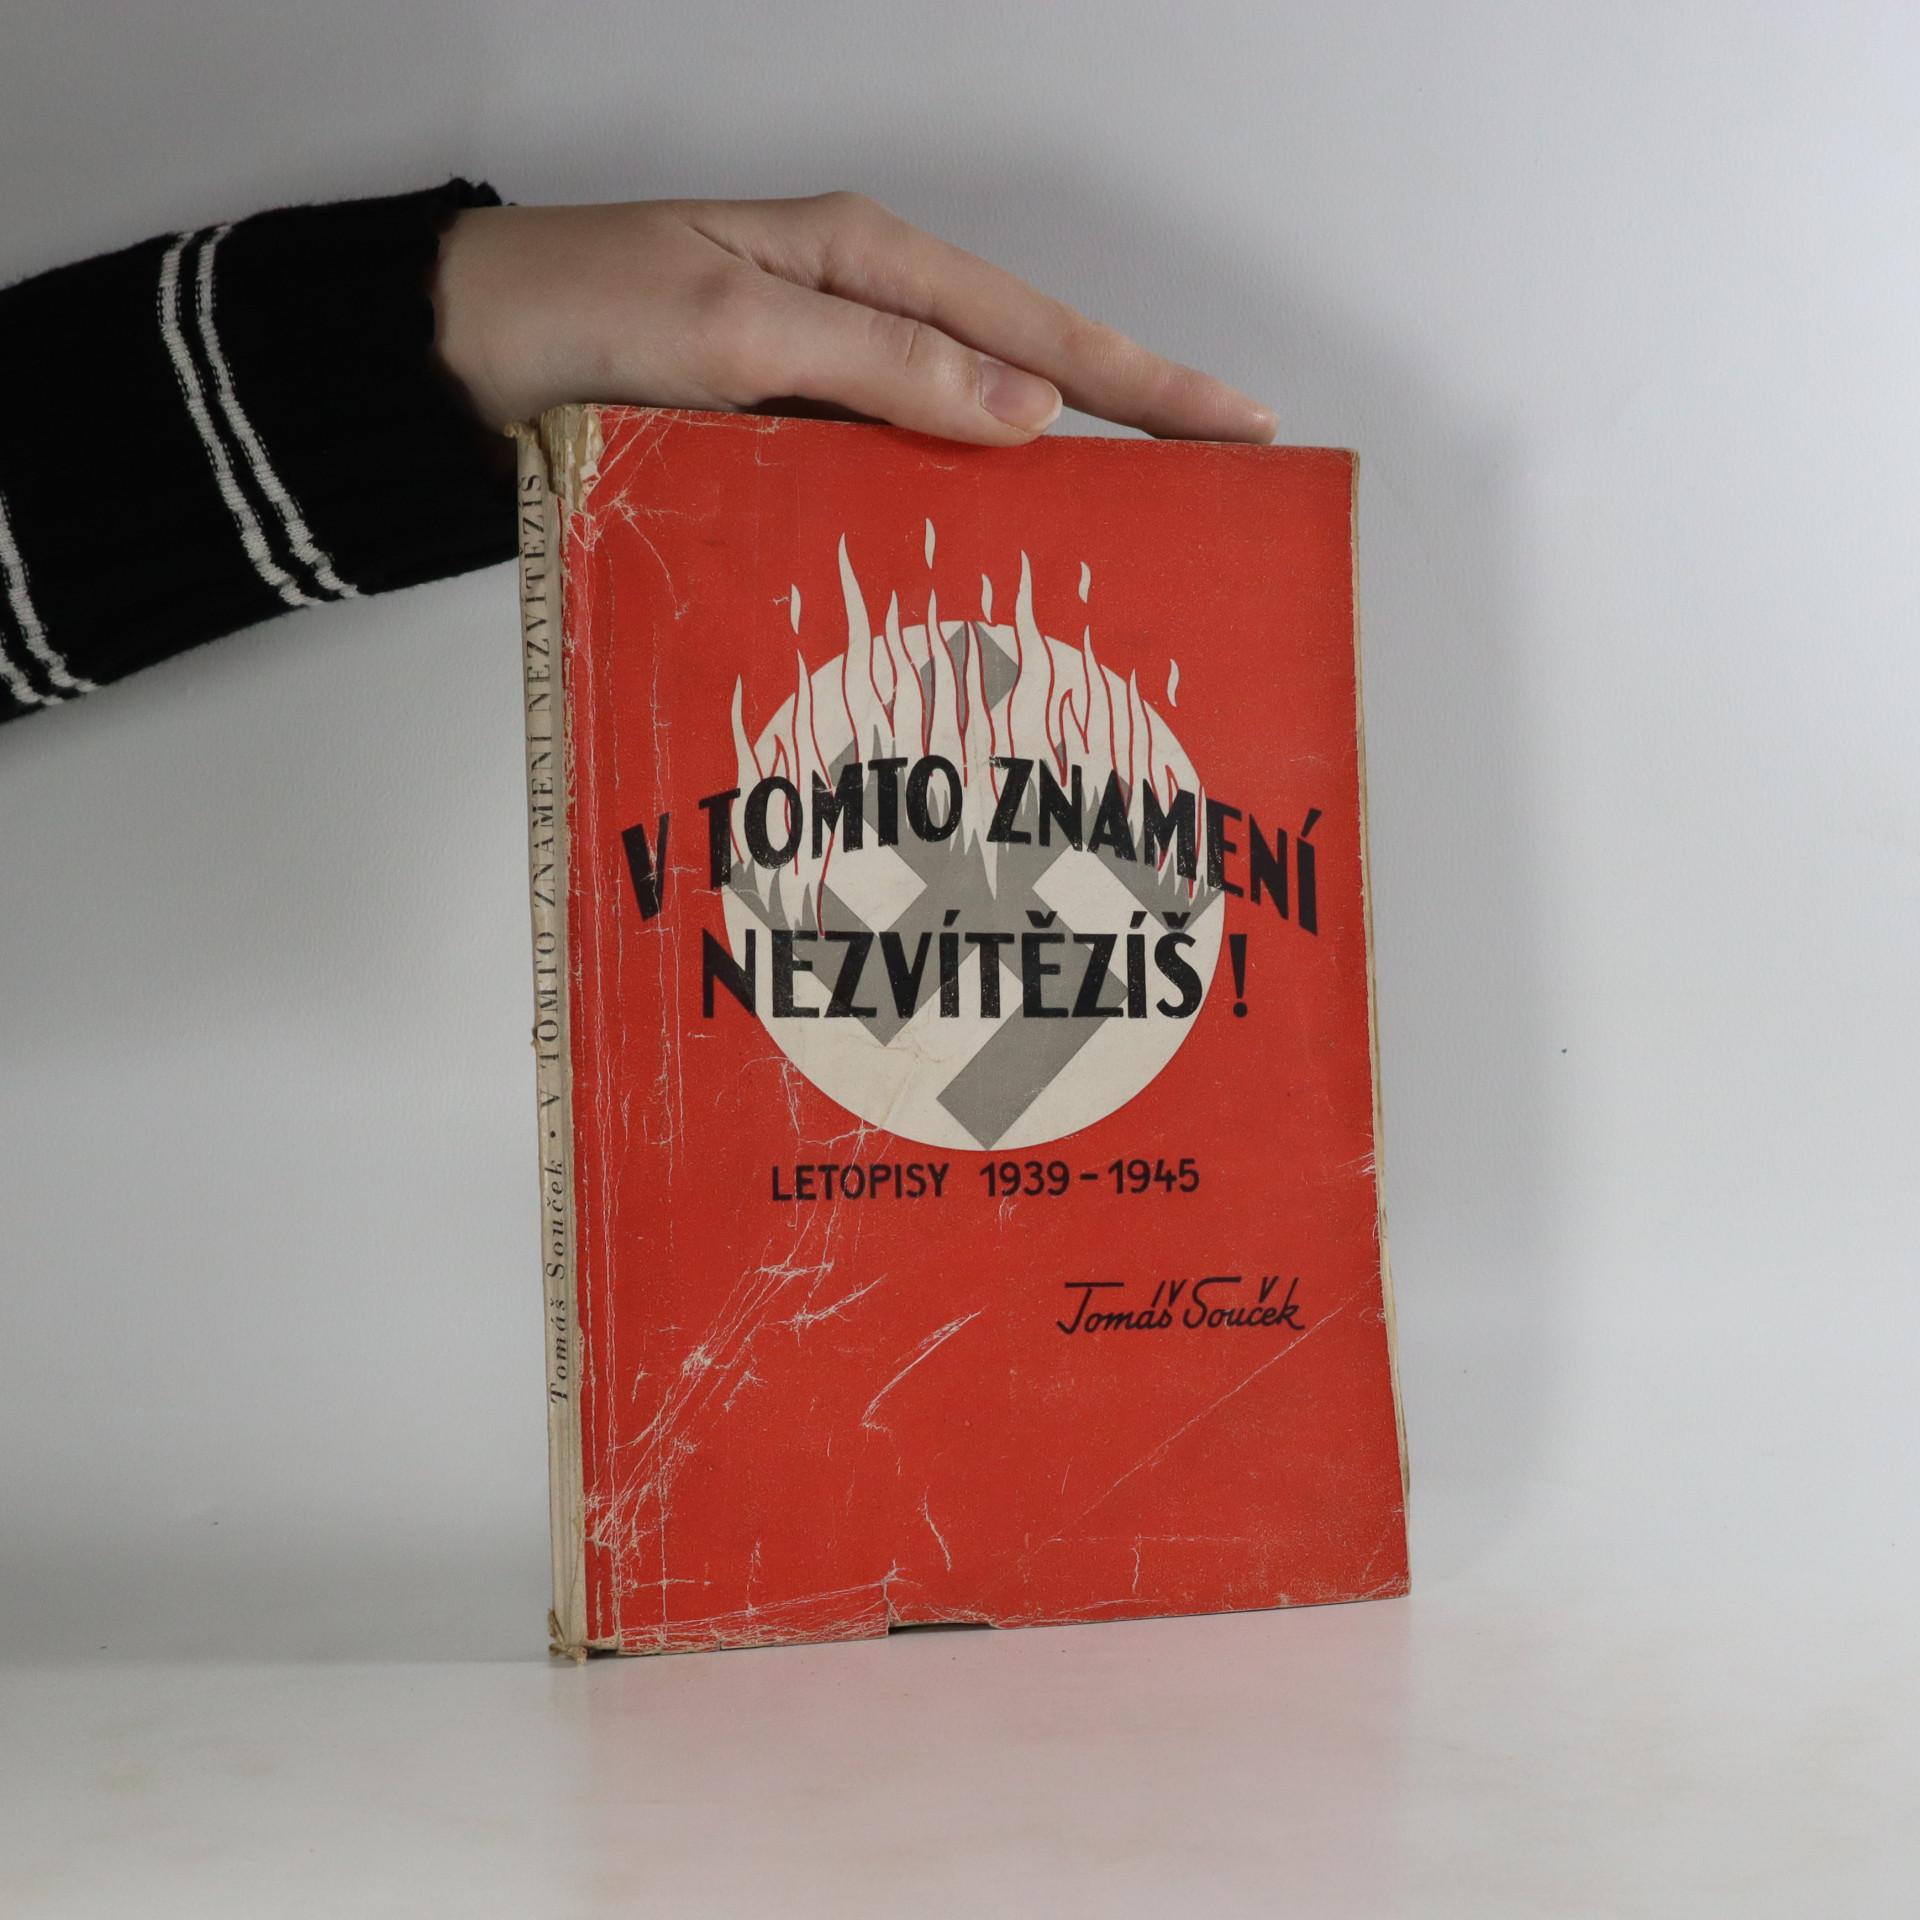 antikvární kniha V tomto znamení nezvítězíš!, neuveden